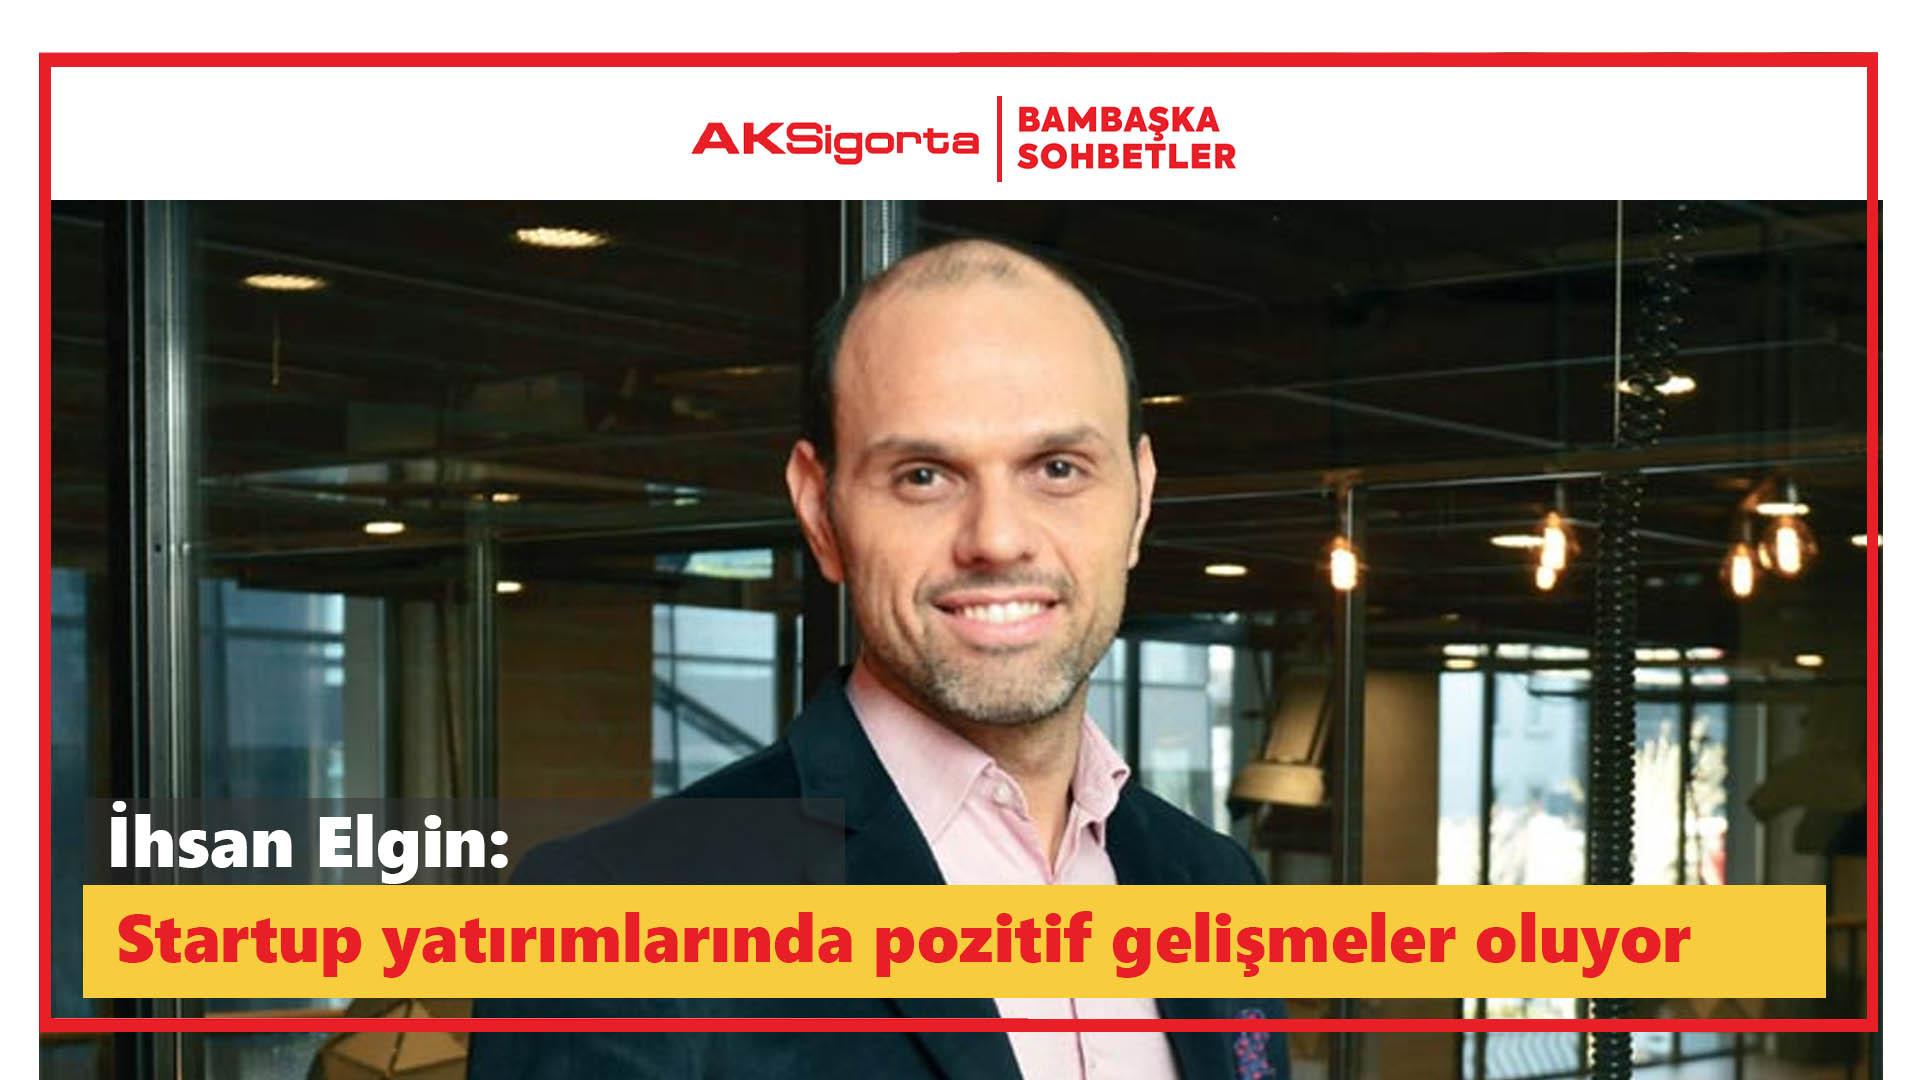 İhsan Elgin: Startup yatırımlarında pozitif gelişmeler oluyor